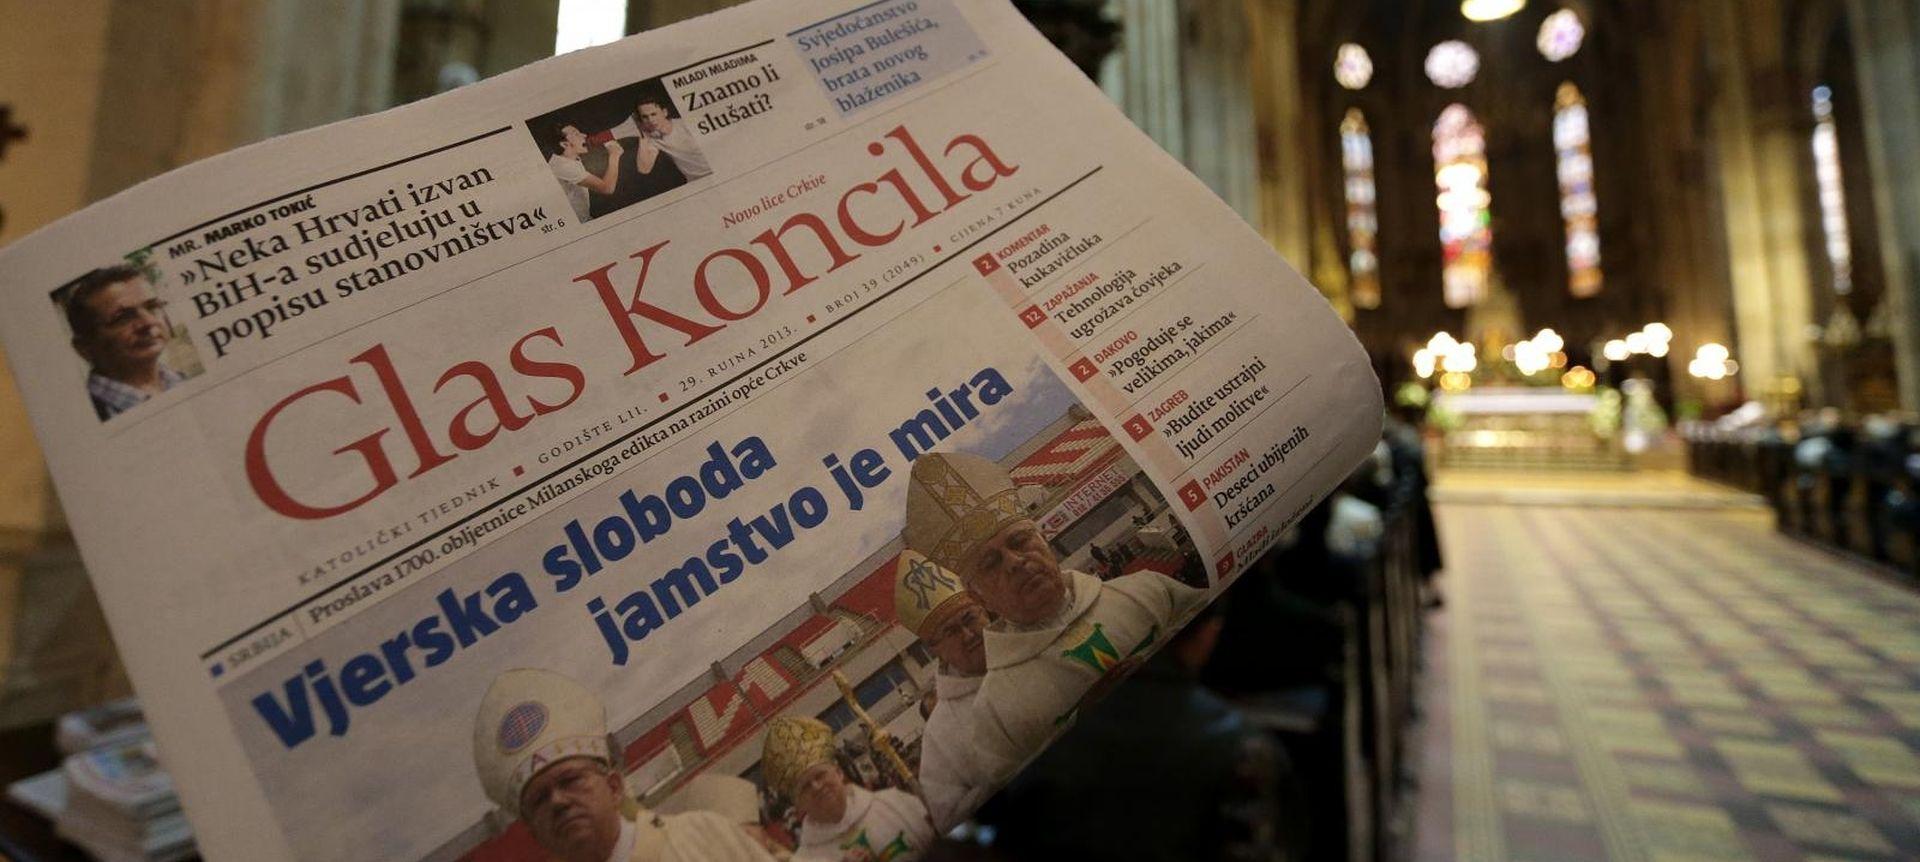 Glas Koncila podržao prosvjed u Vukovaru